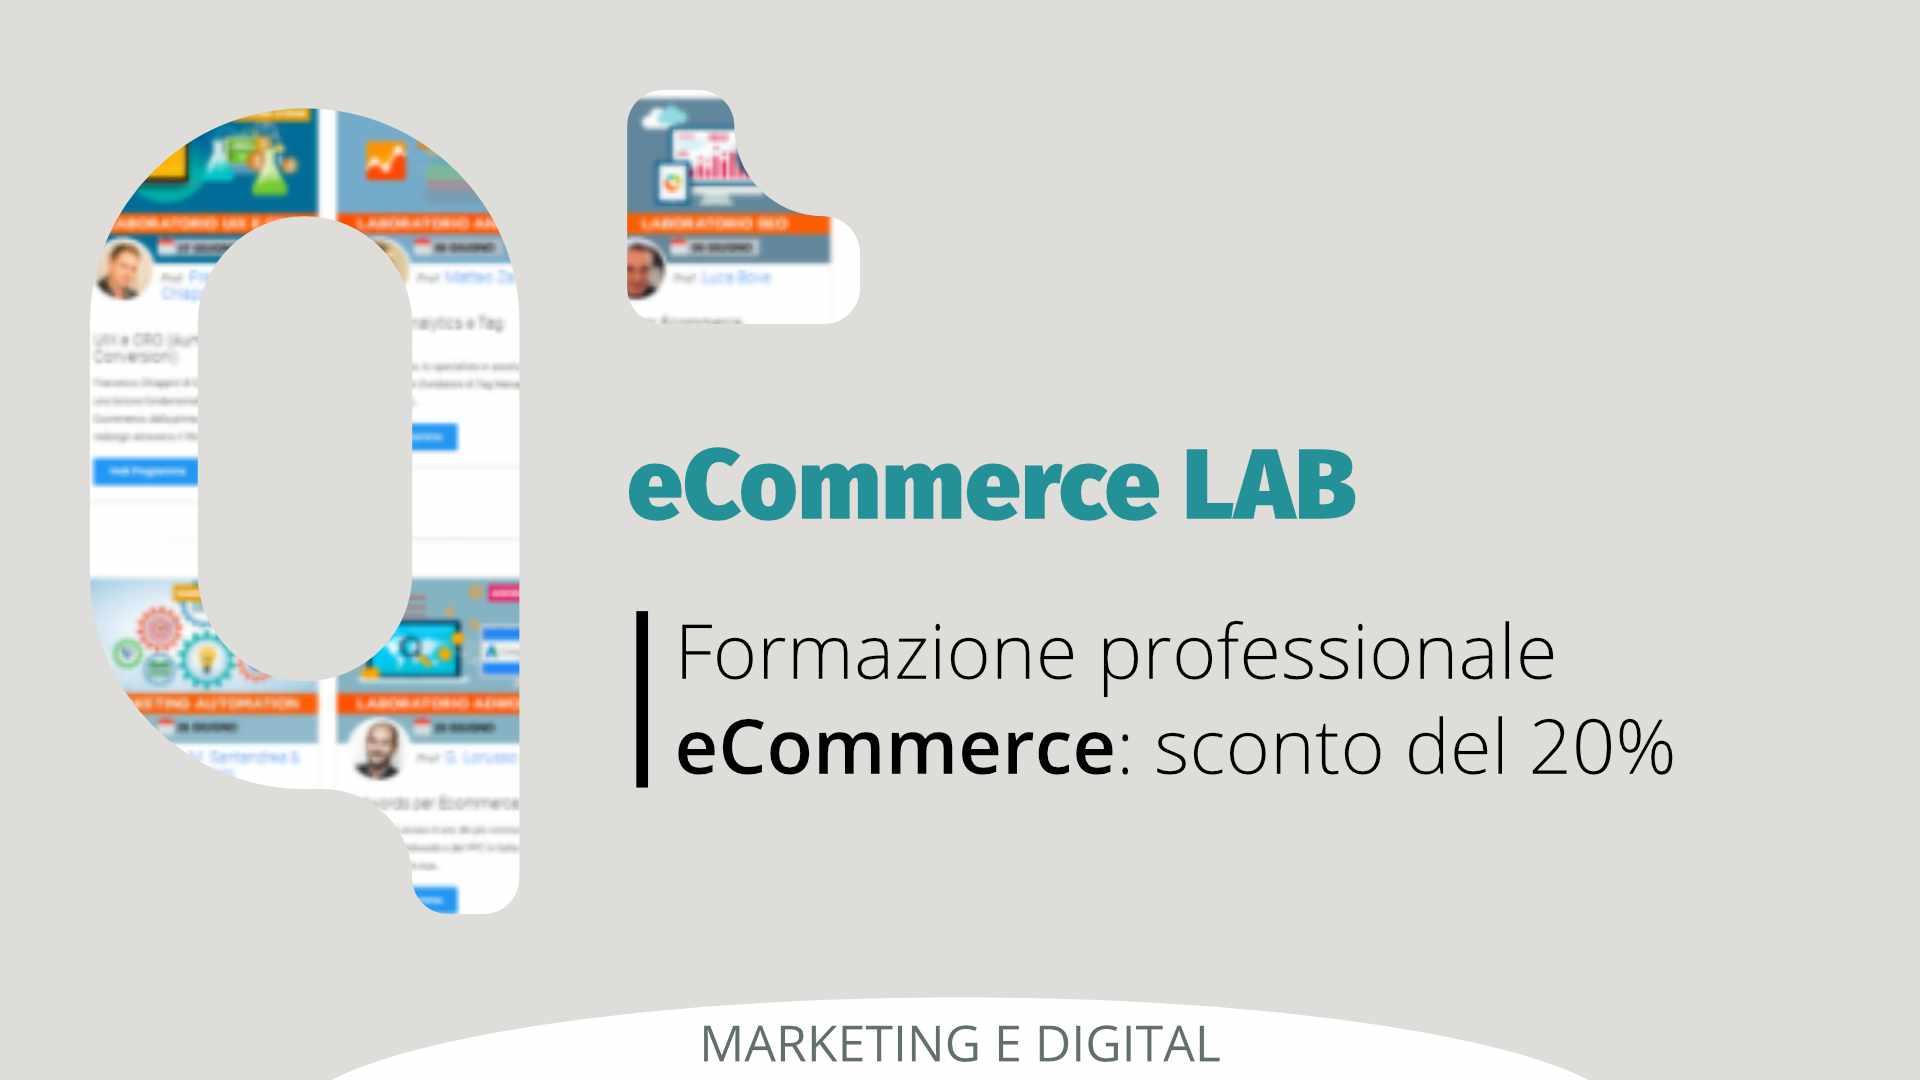 Formazione professionale eCommerce: sconto -20% su corsi eCommerce Lab